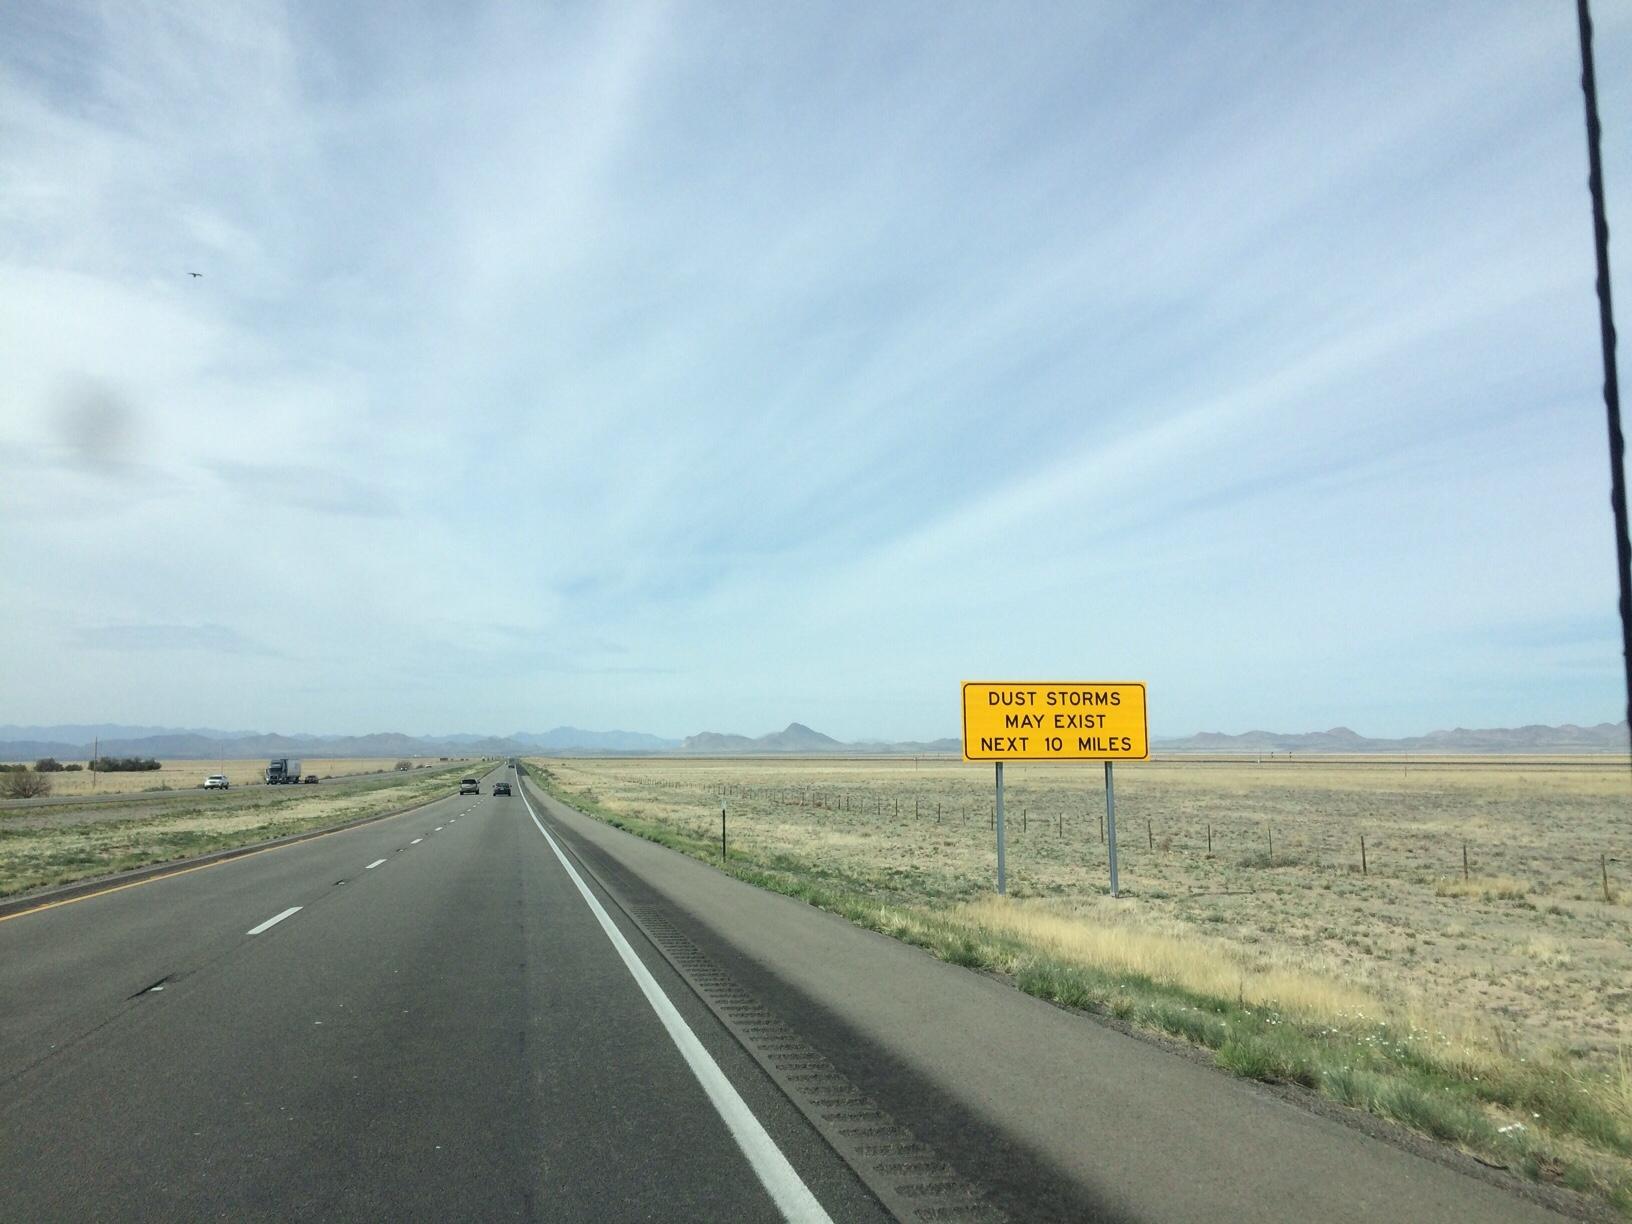 Dust storm sign